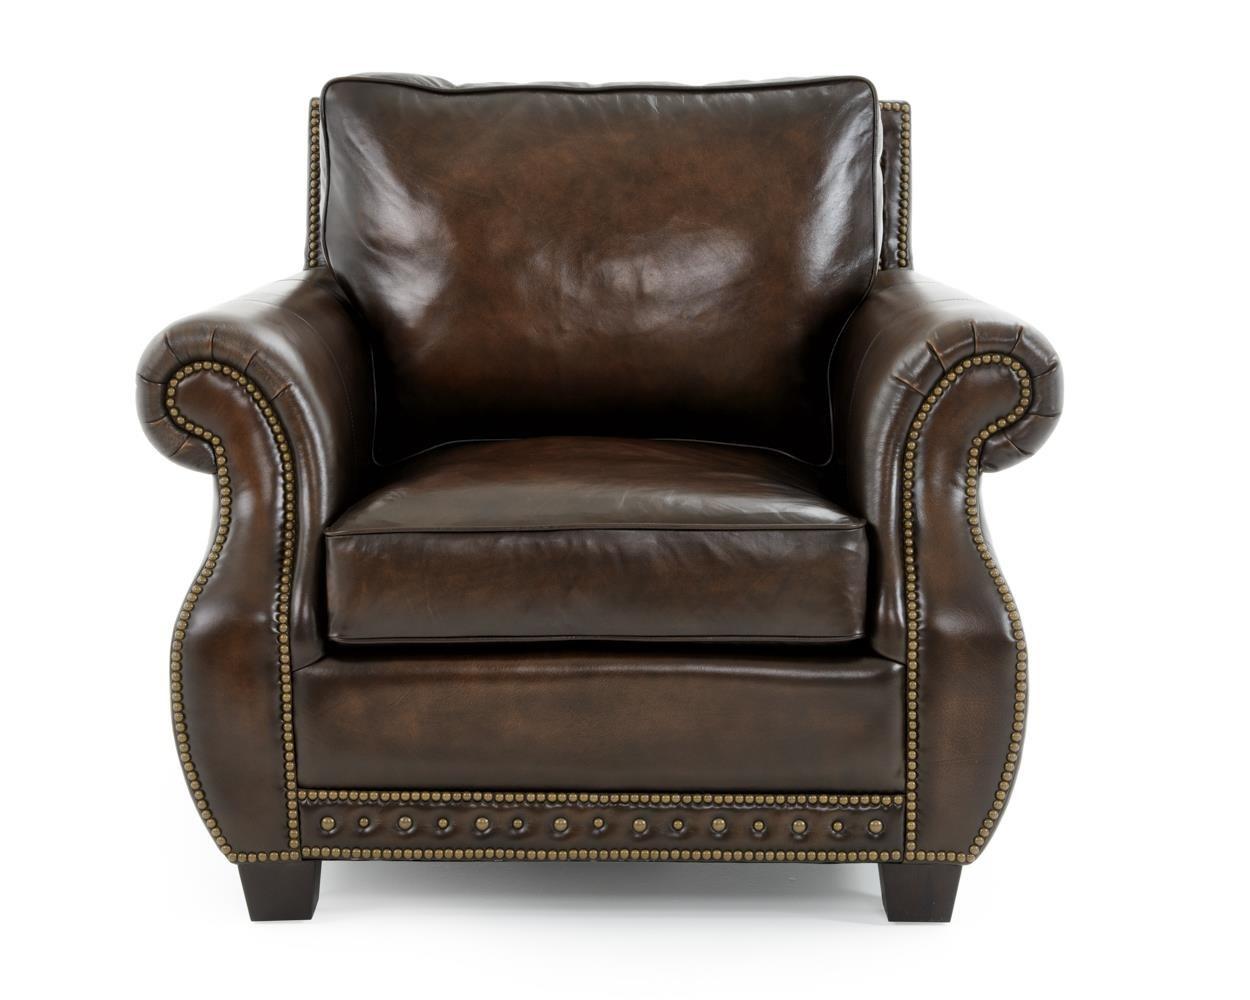 Bernhardt Parker Chair - Item Number: 4072LXO DARK BROWN